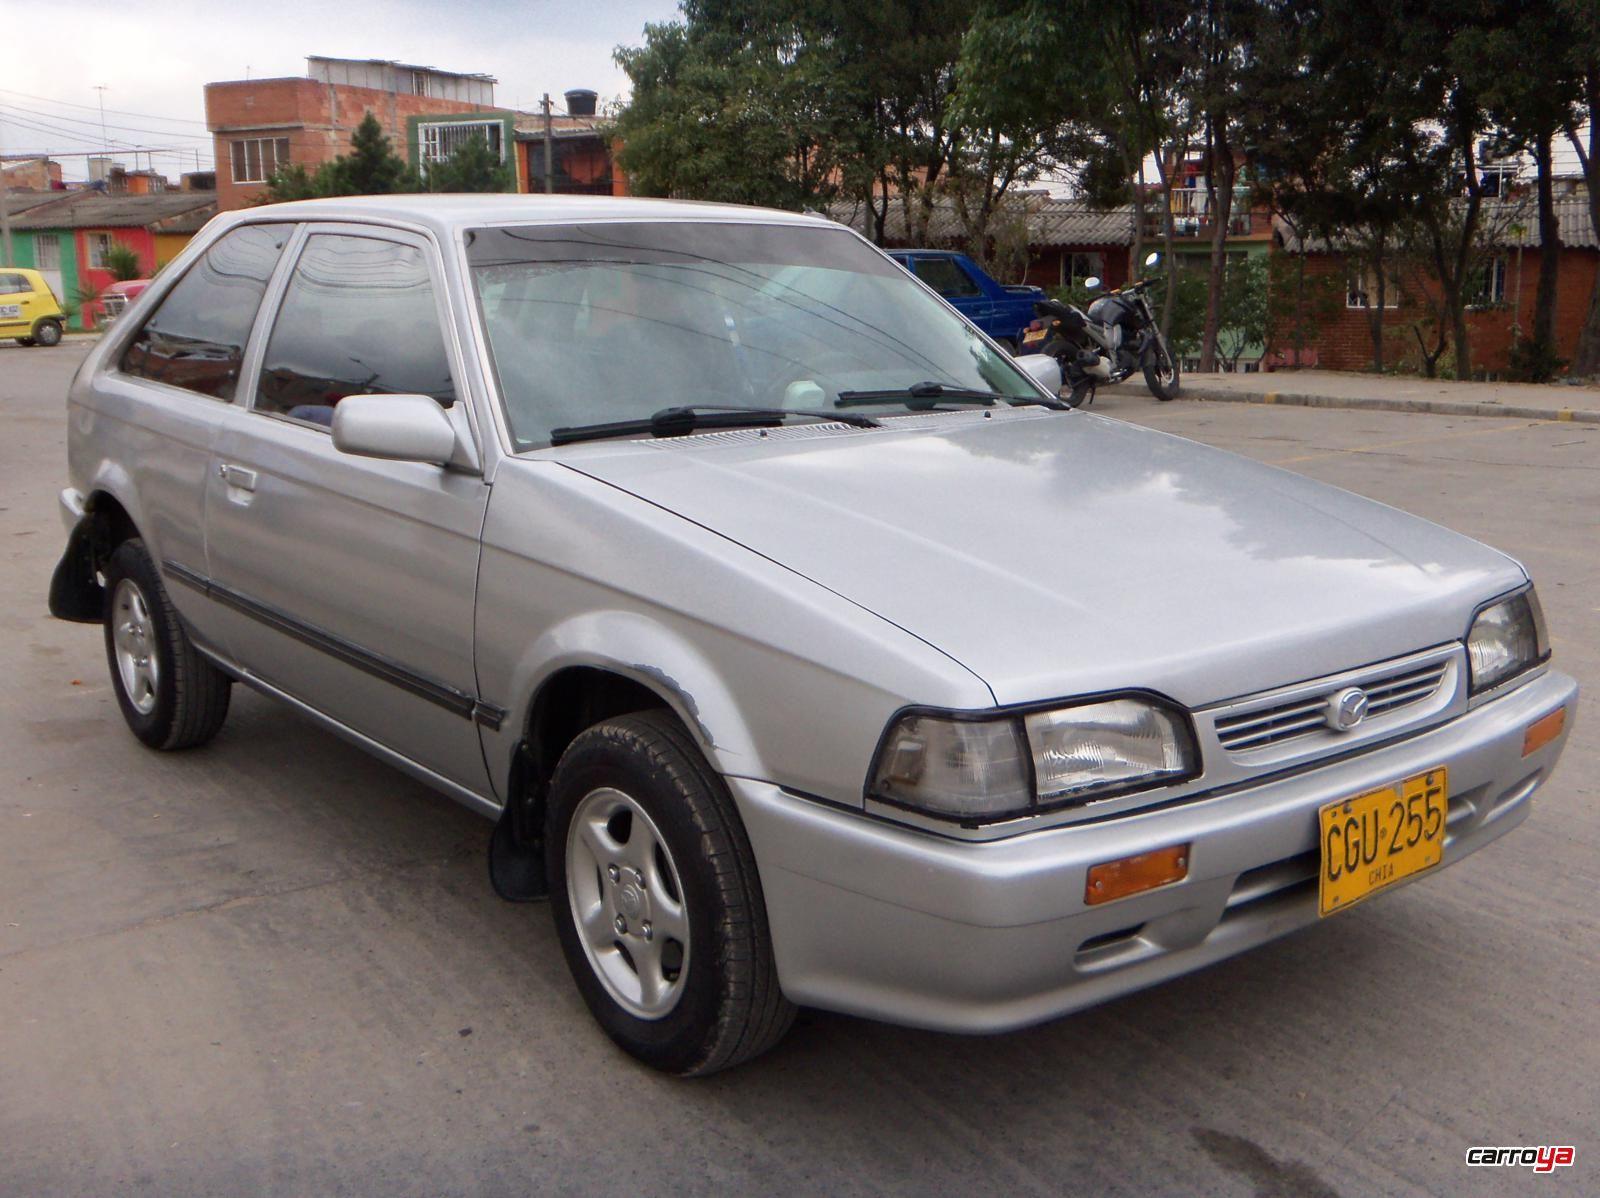 Mazda 323 1989 usado en Venta - BOGOTA - 1471814 - www.carroya.com